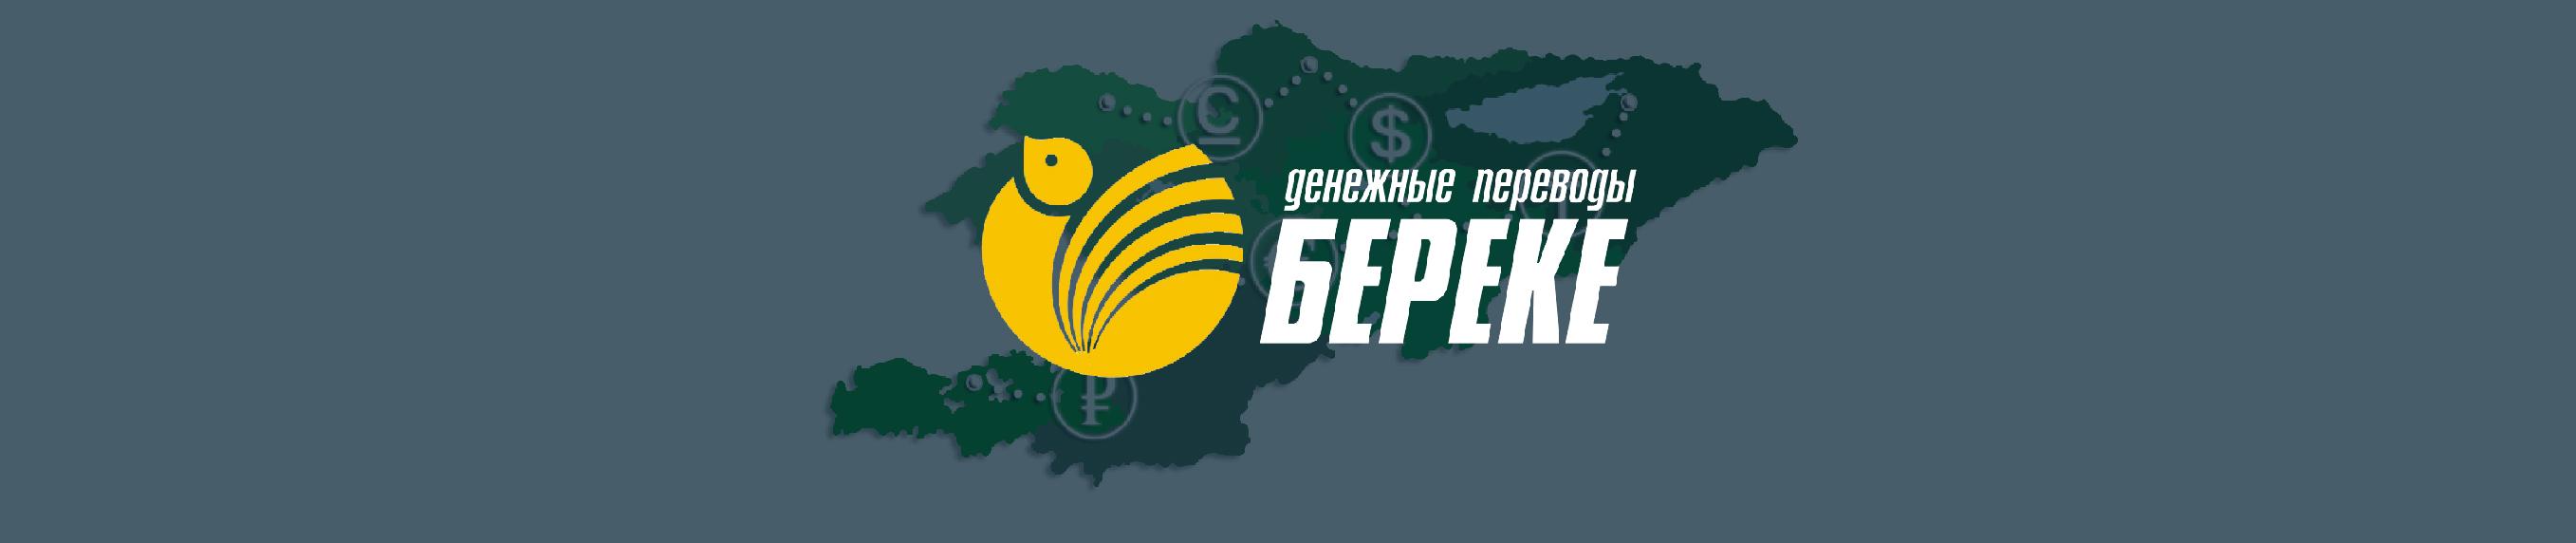 Bereke